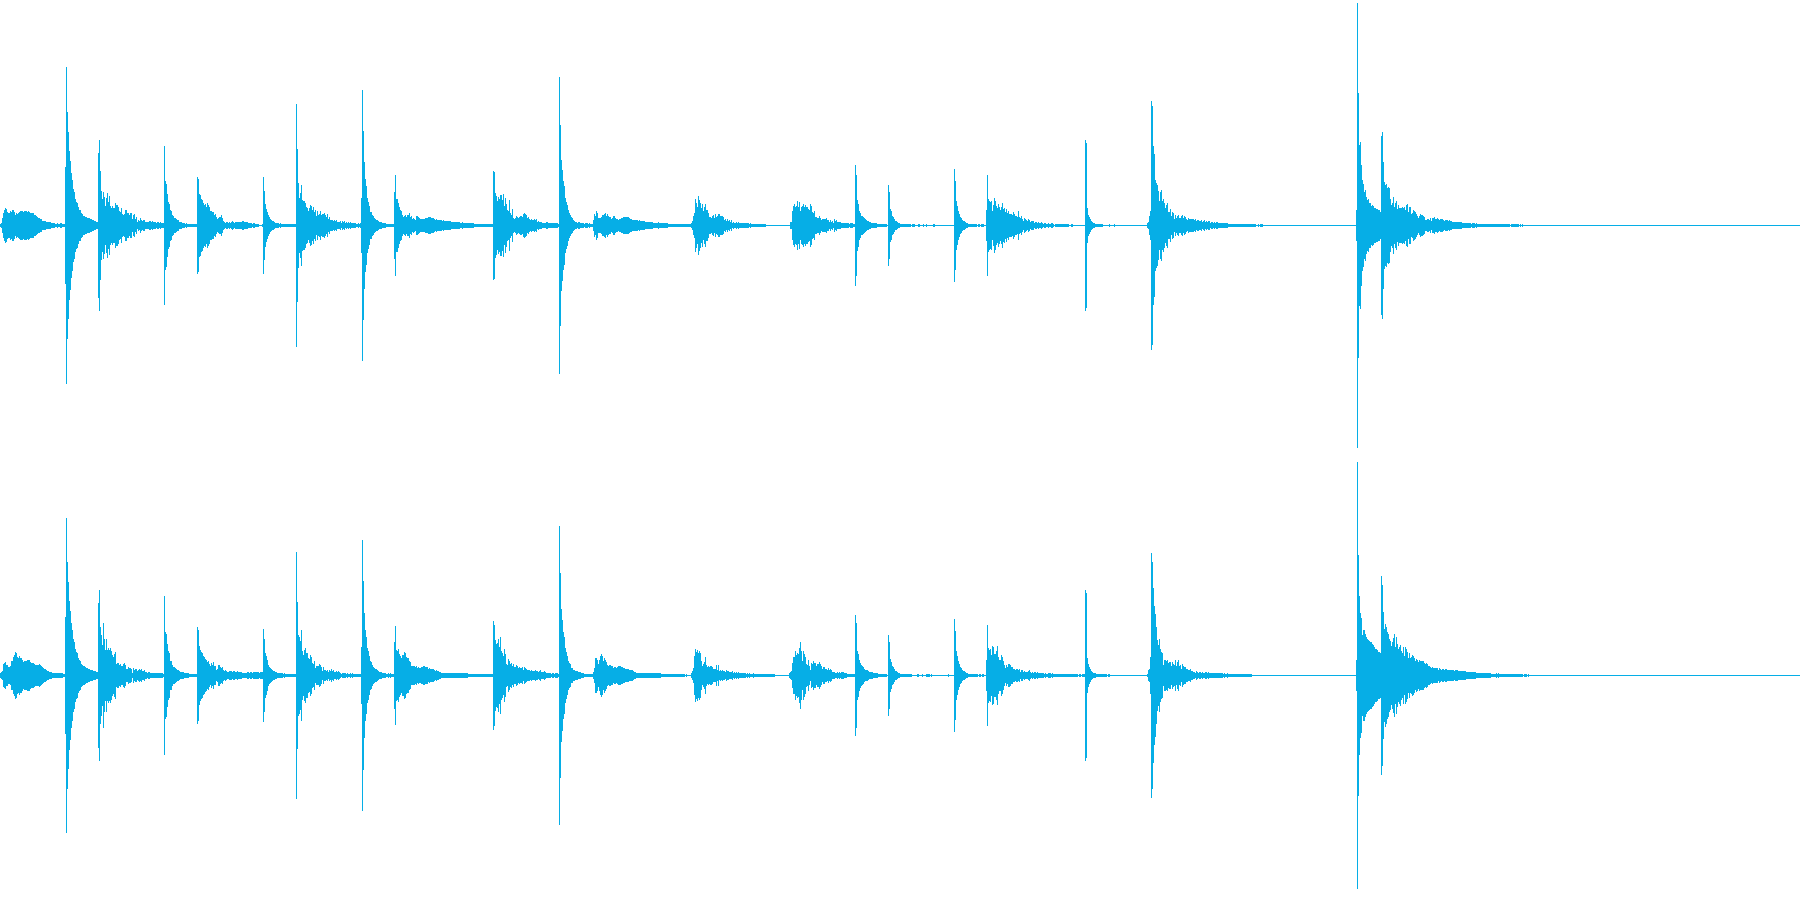 マリンバの可愛らしいジングルの再生済みの波形